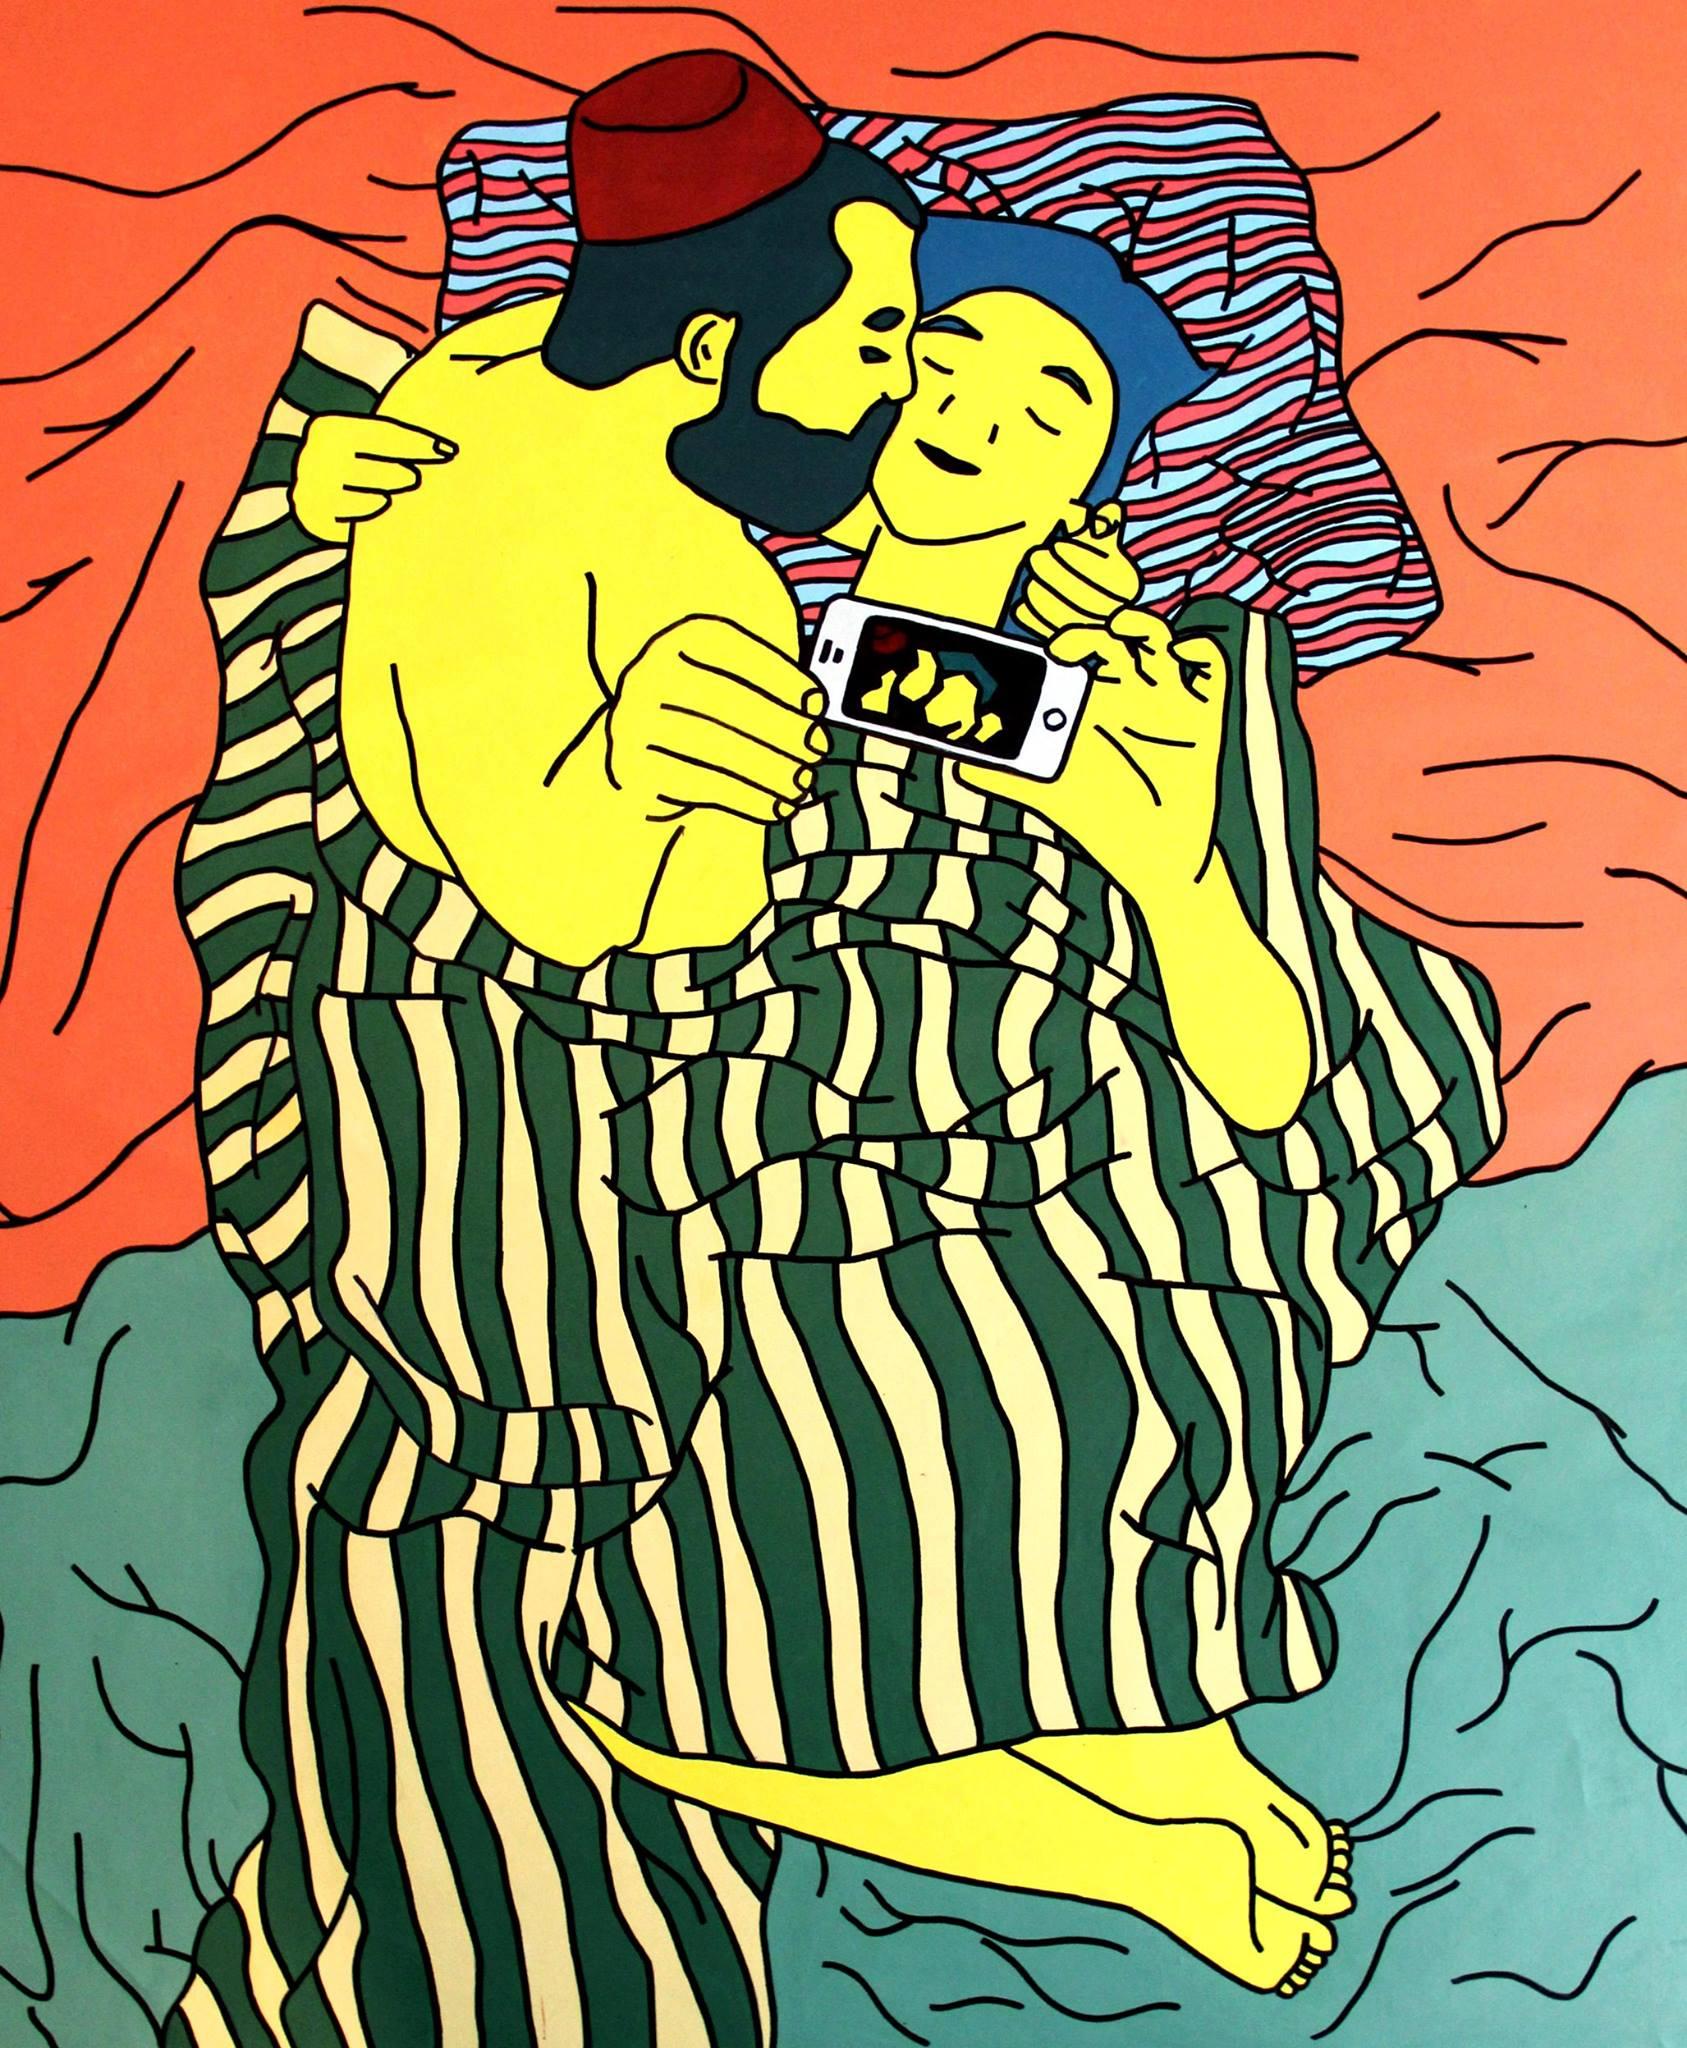 Facebook/L'Homme jaune